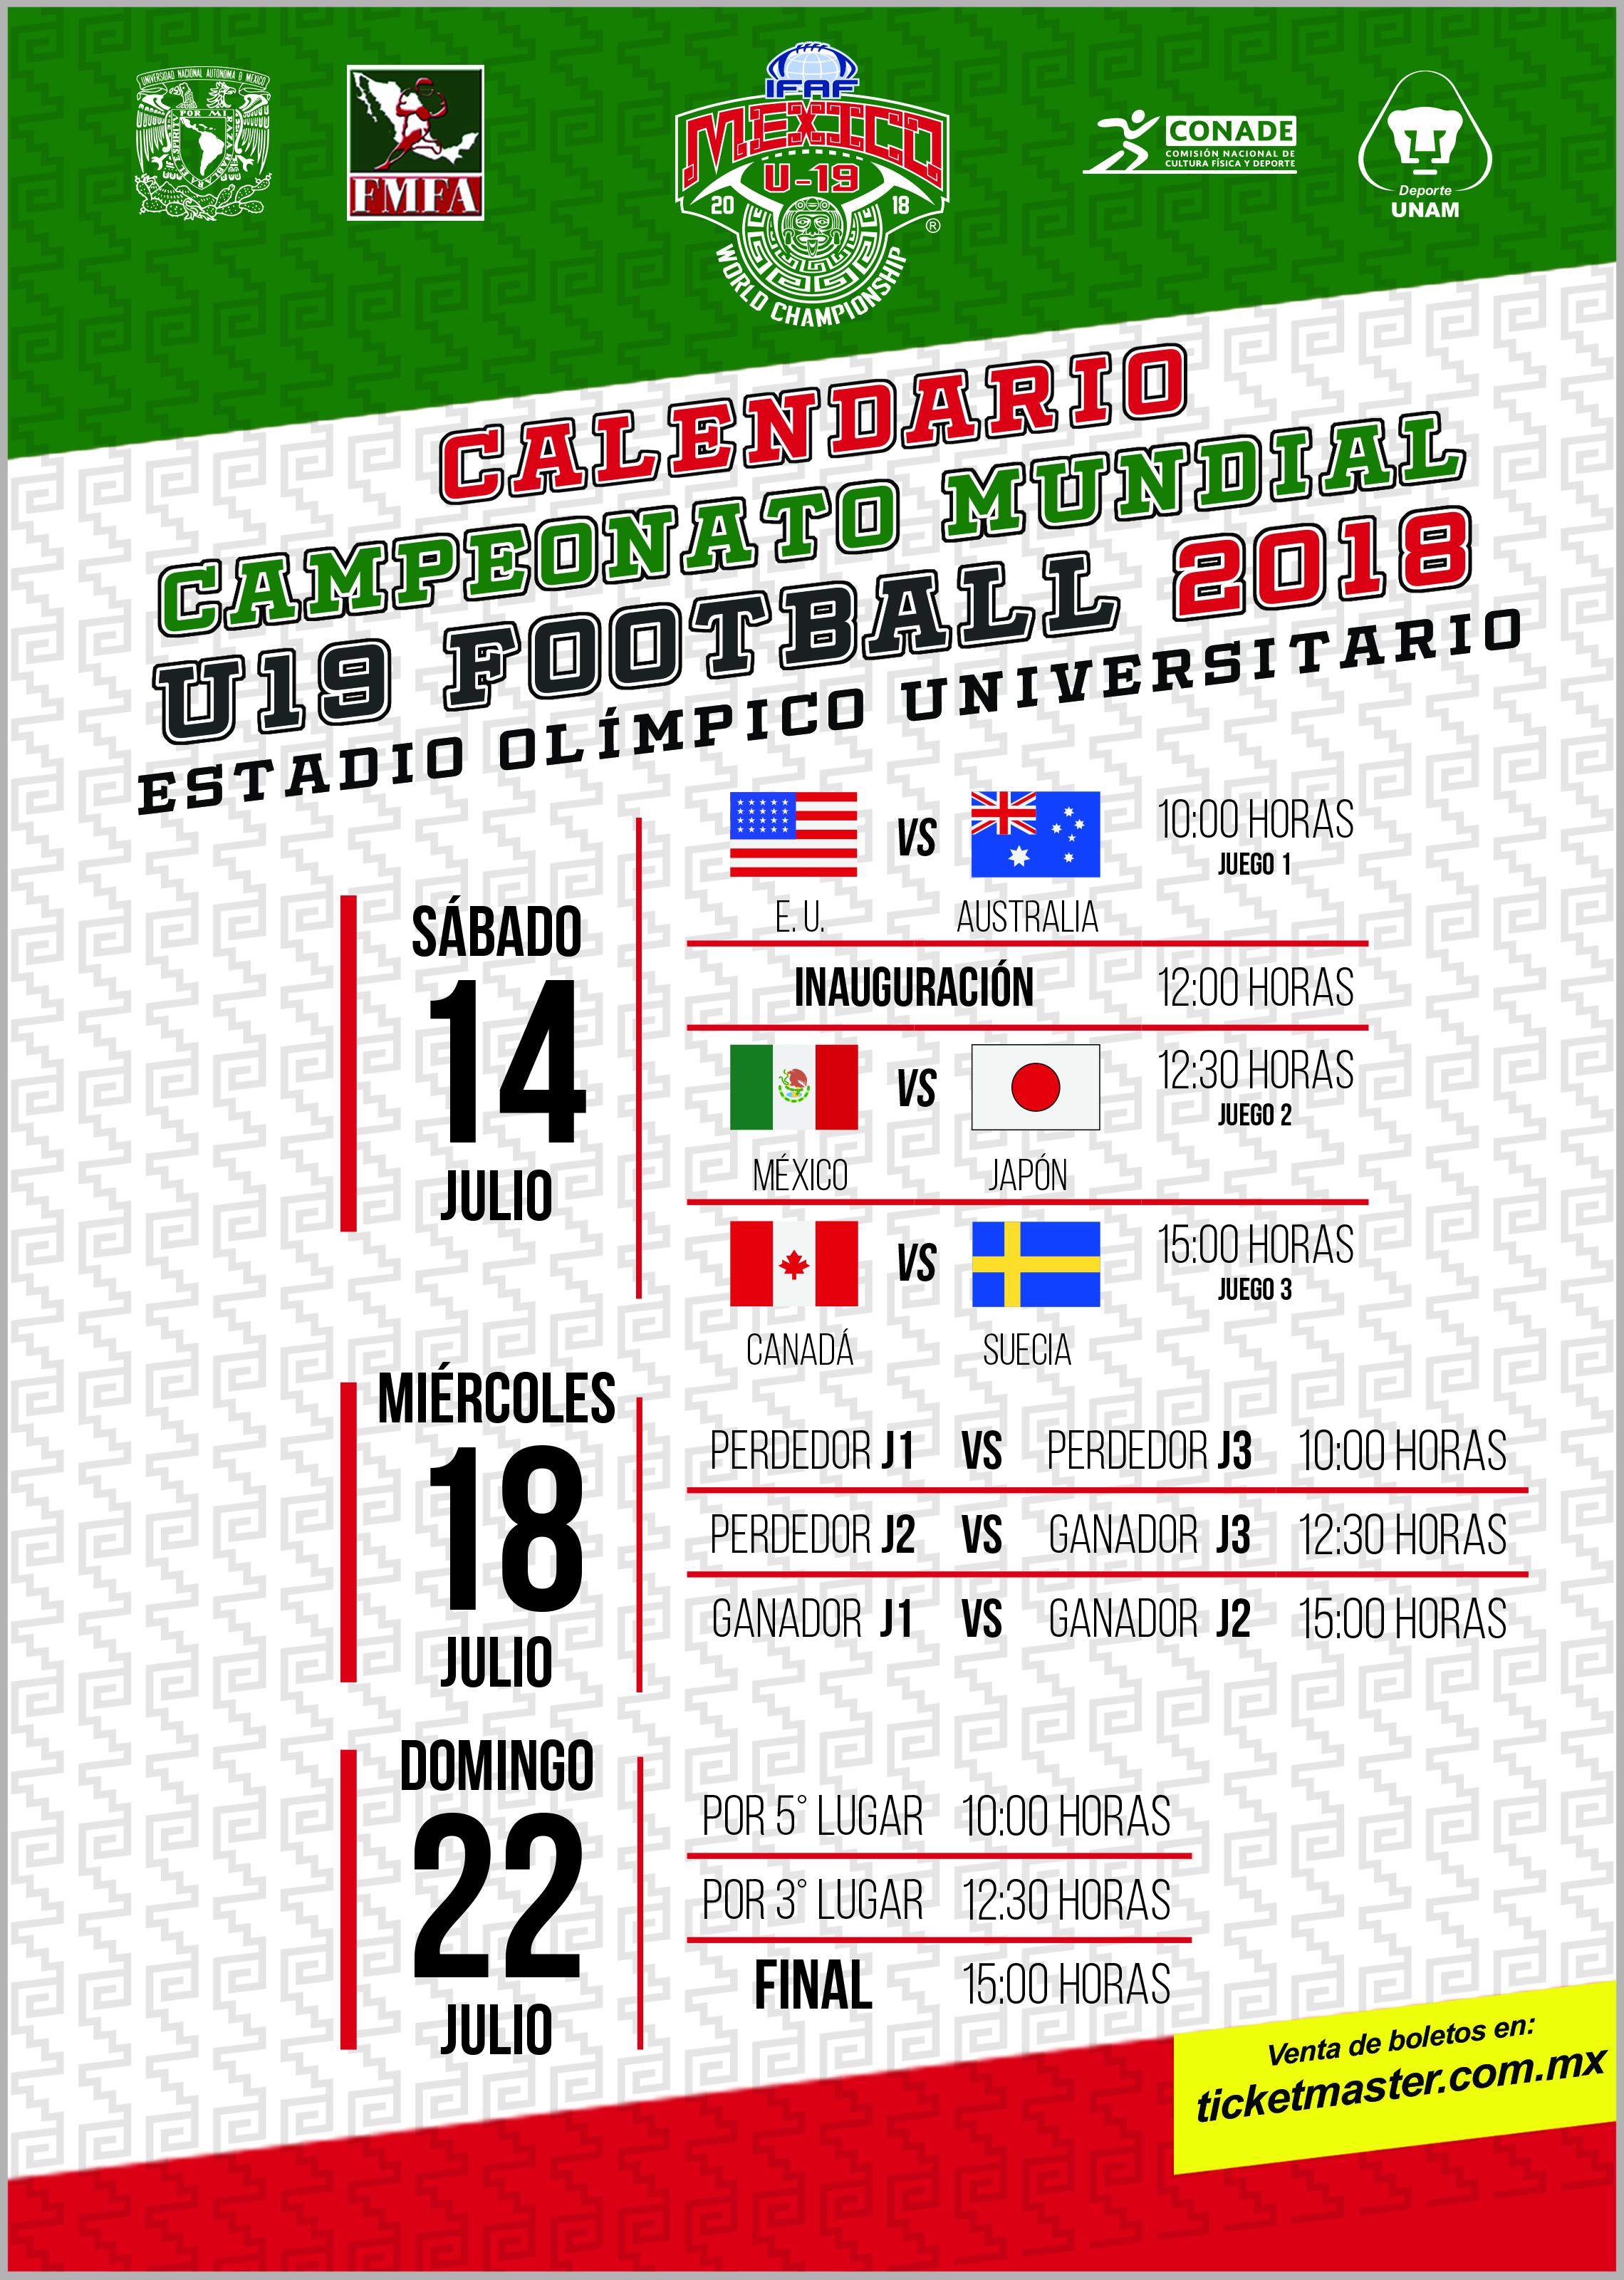 CALENDARIO MUNDIA U-19 2018